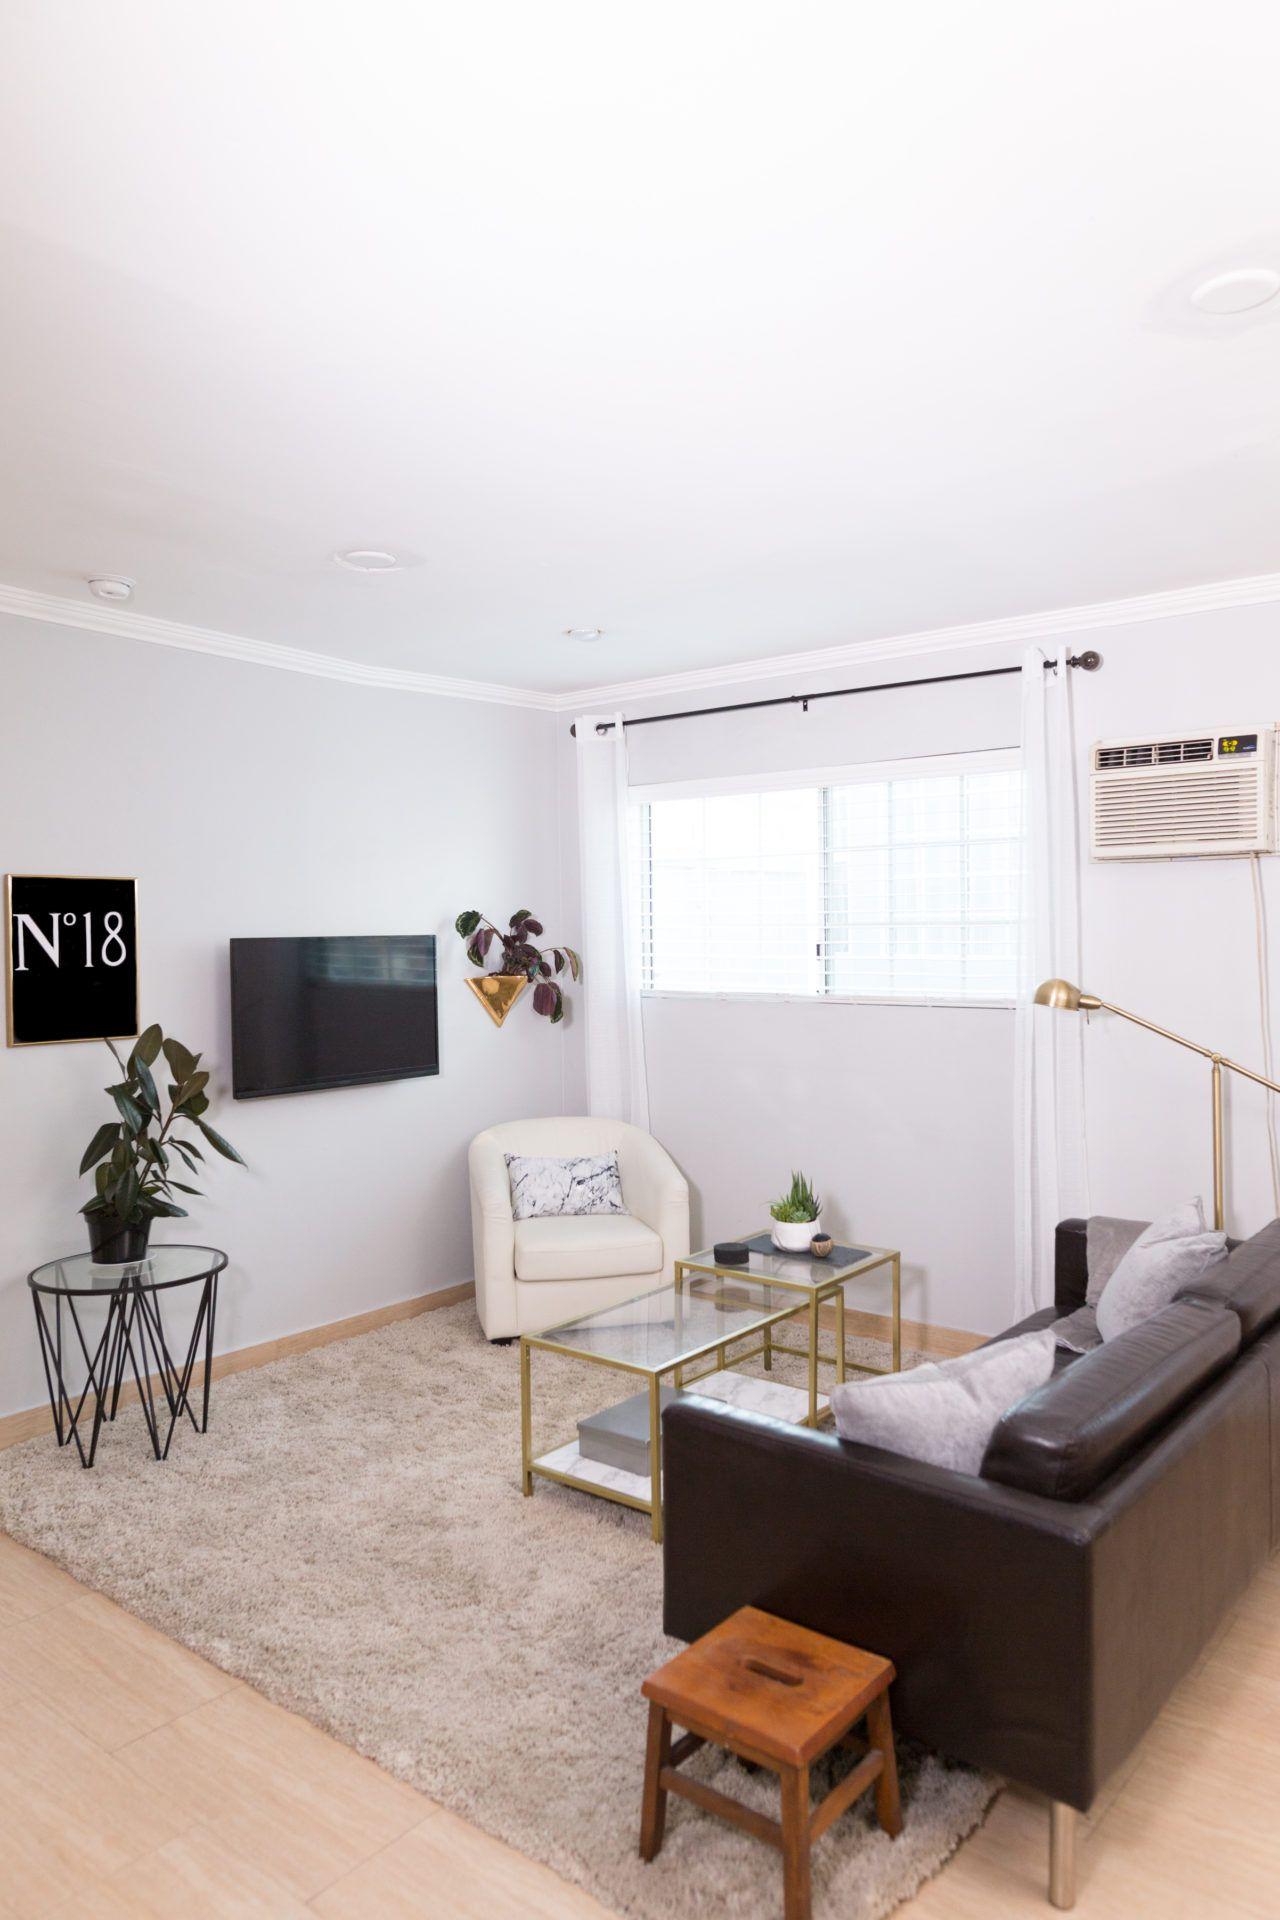 Tumblr Minimalist Living Room On A Budget Minimalist Home Decor